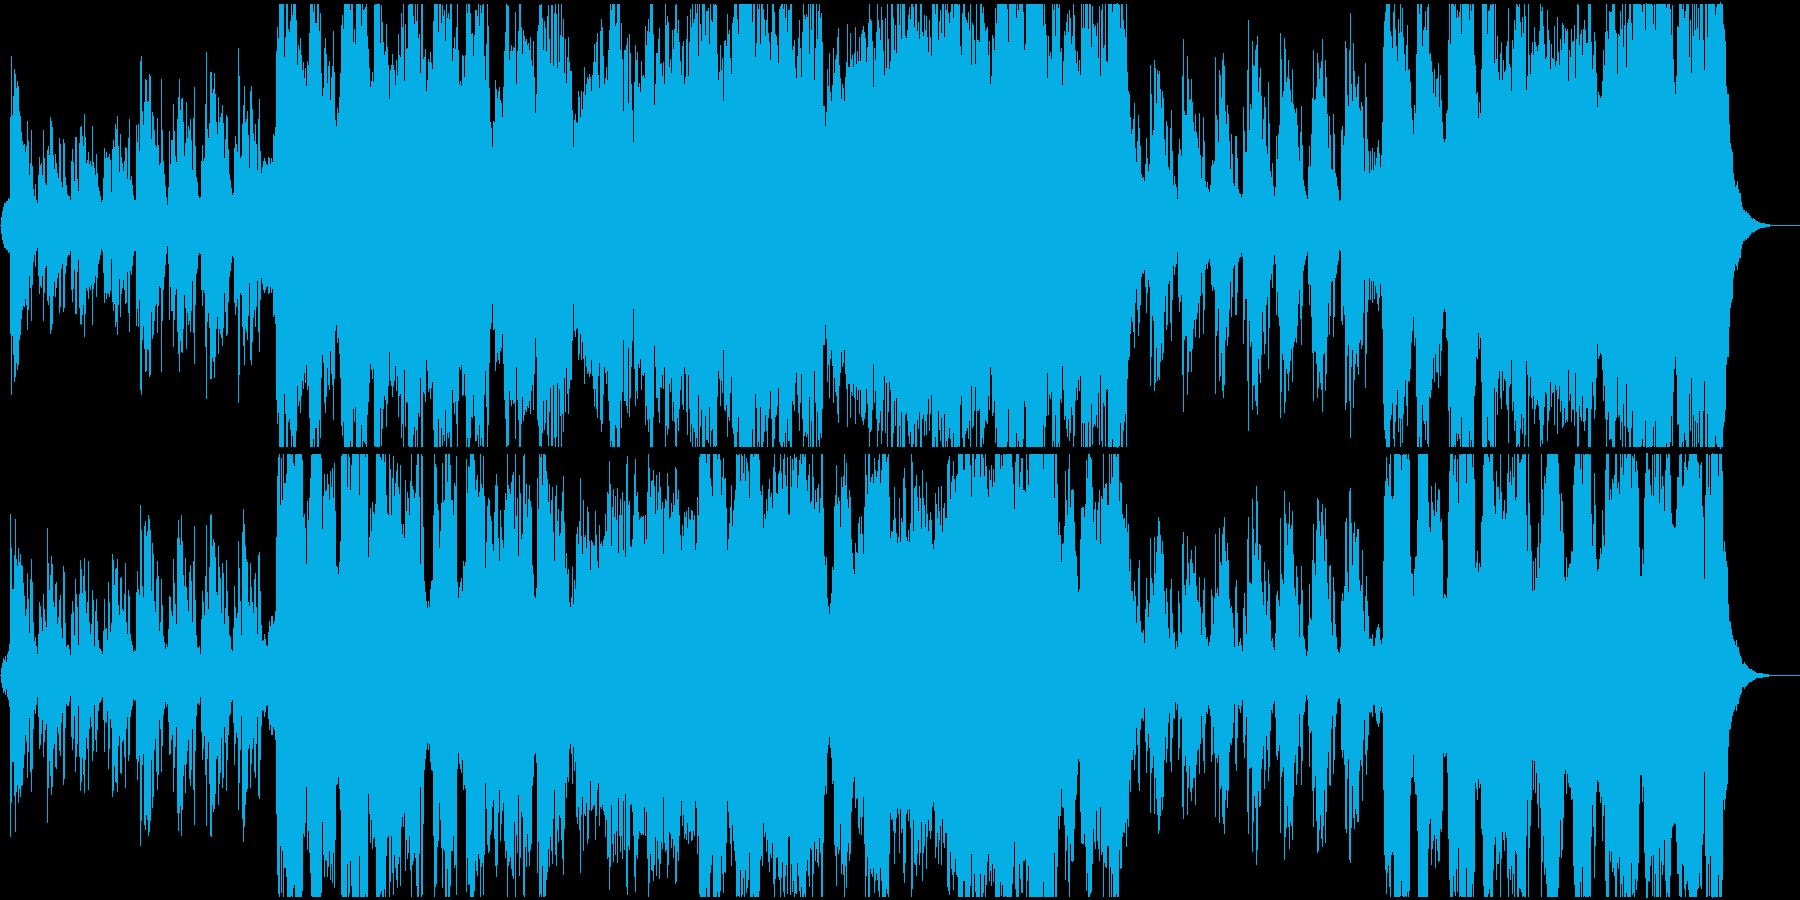 企業VP/質実剛健/オーケストラ/壮大の再生済みの波形